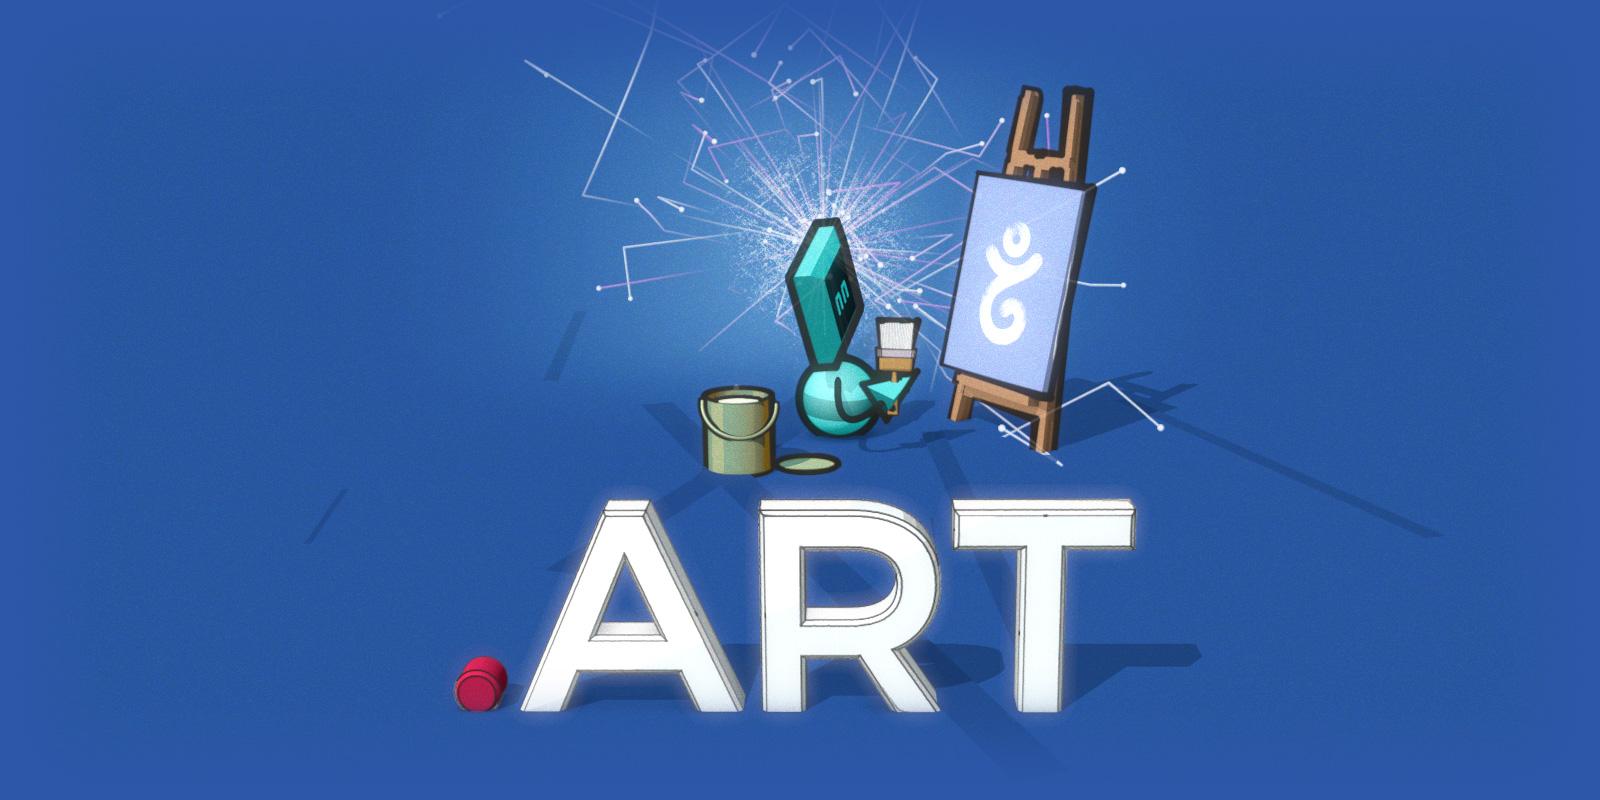 El registro de dominios .art está en promoción